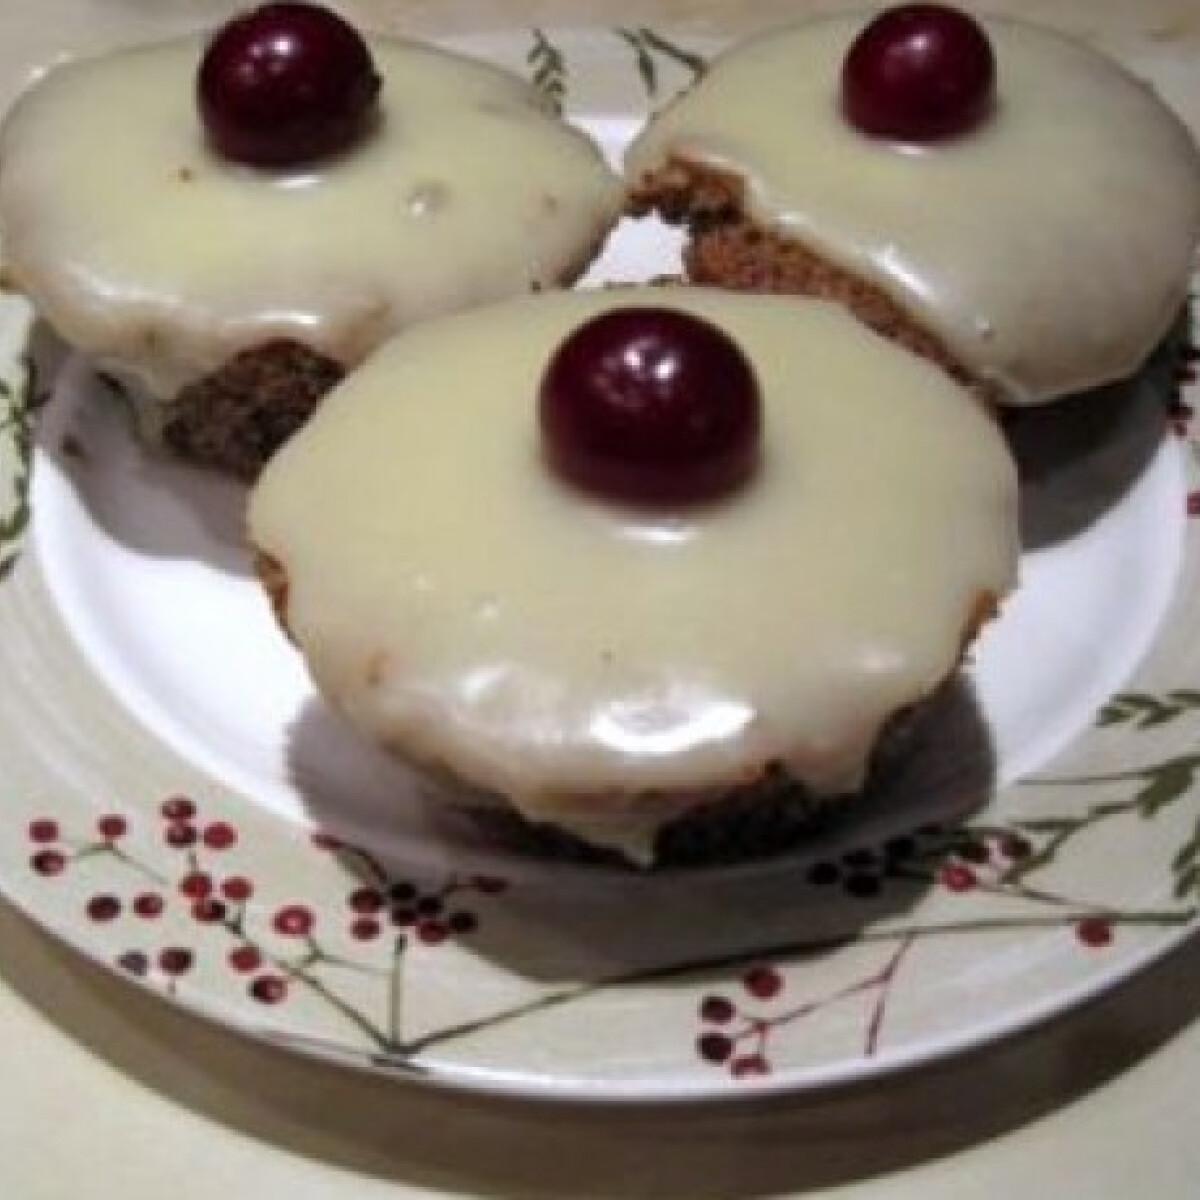 Ezen a képen: Mákos muffin rumos meggyel